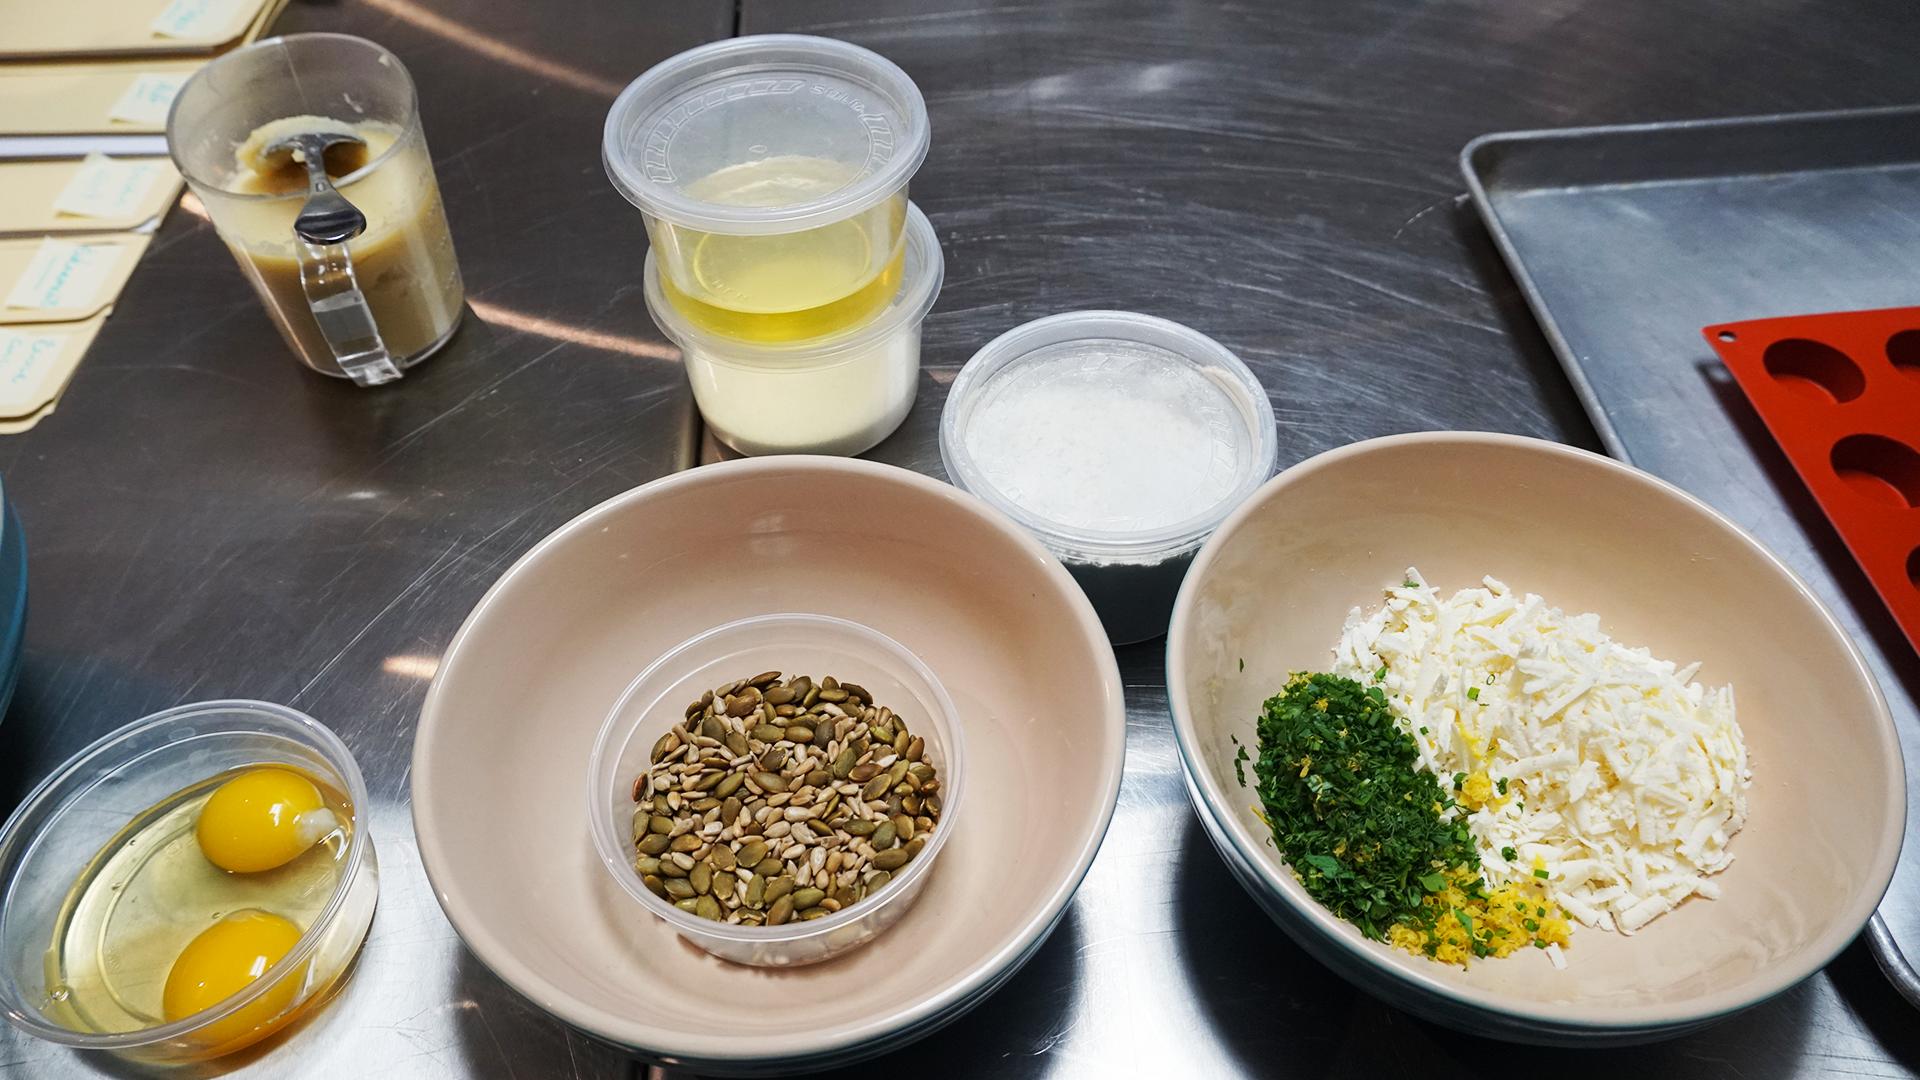 20190318_recette_petits_gateaux_aux_panais_ingredients